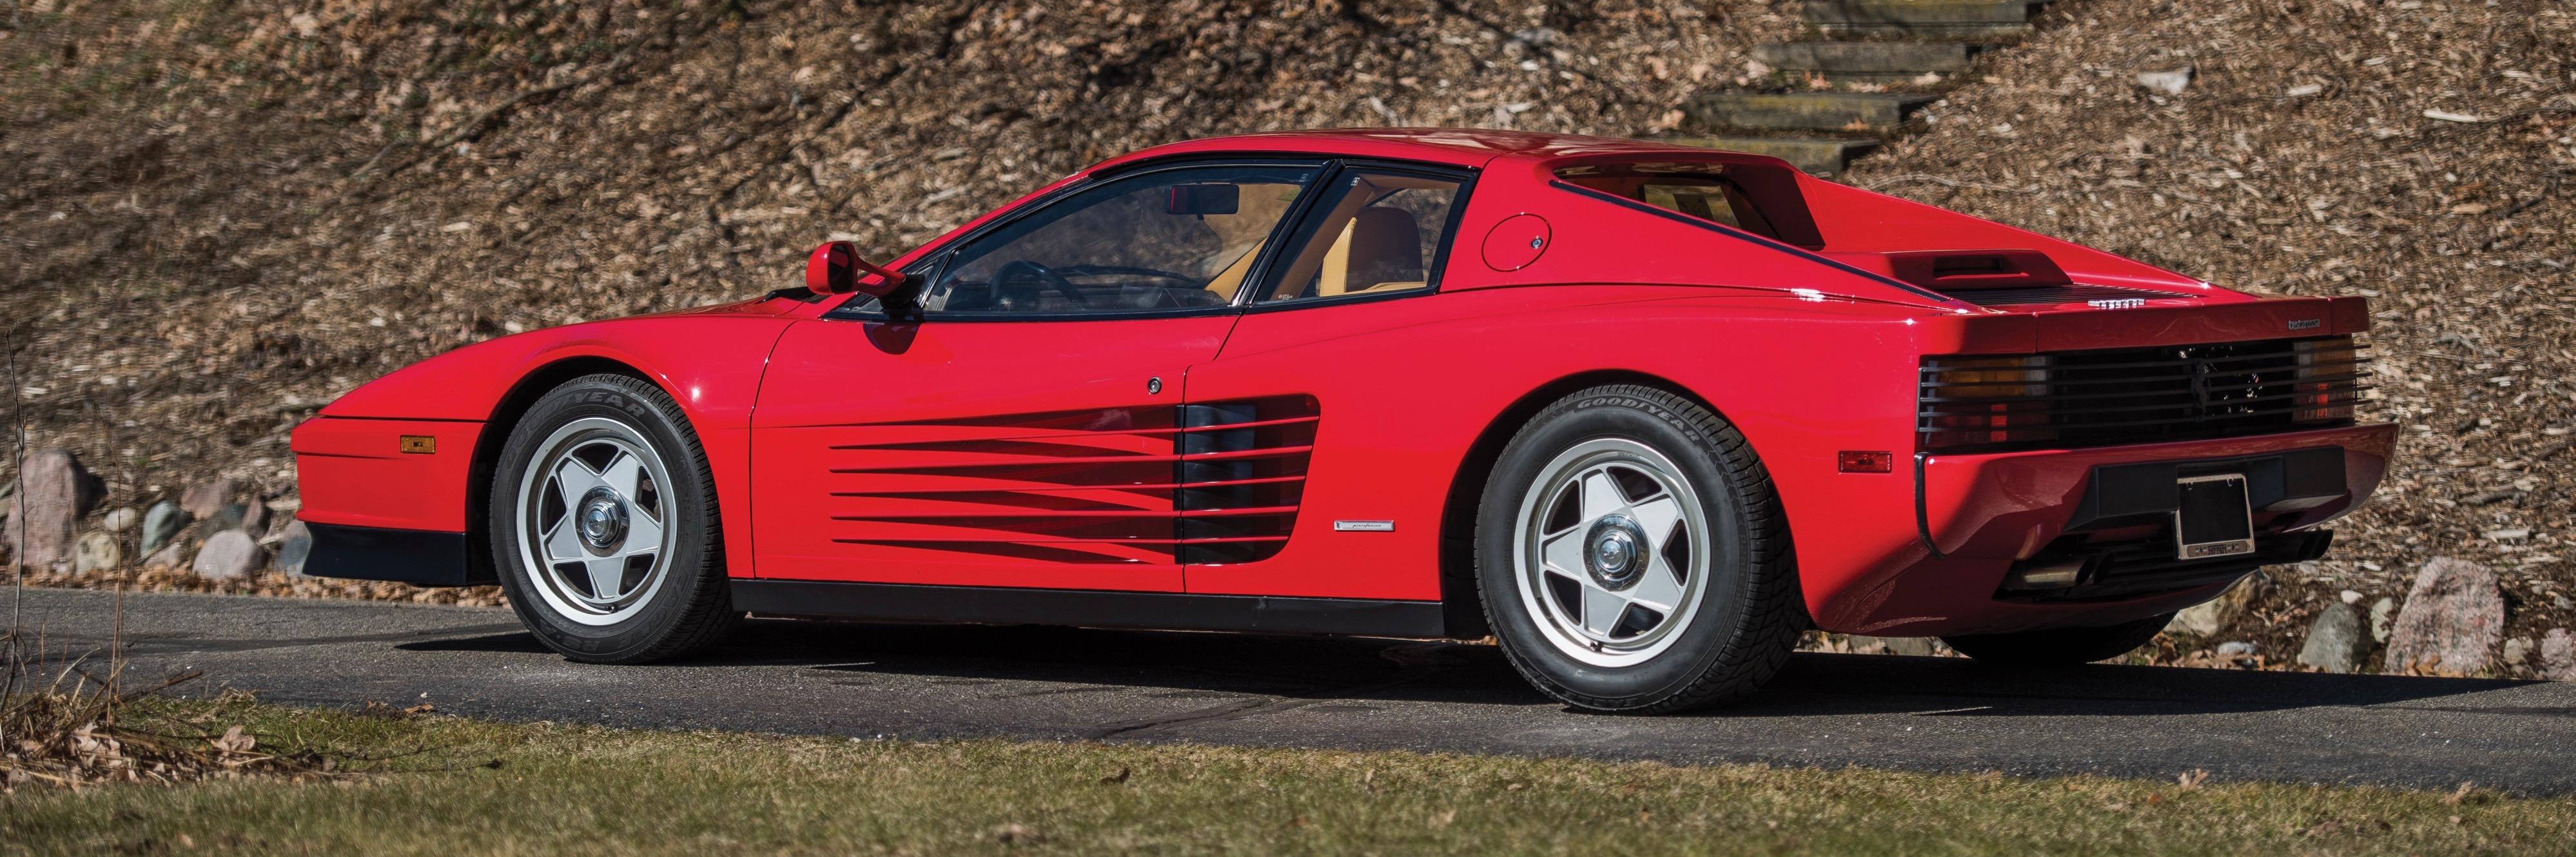 Red 1987 Ferrari